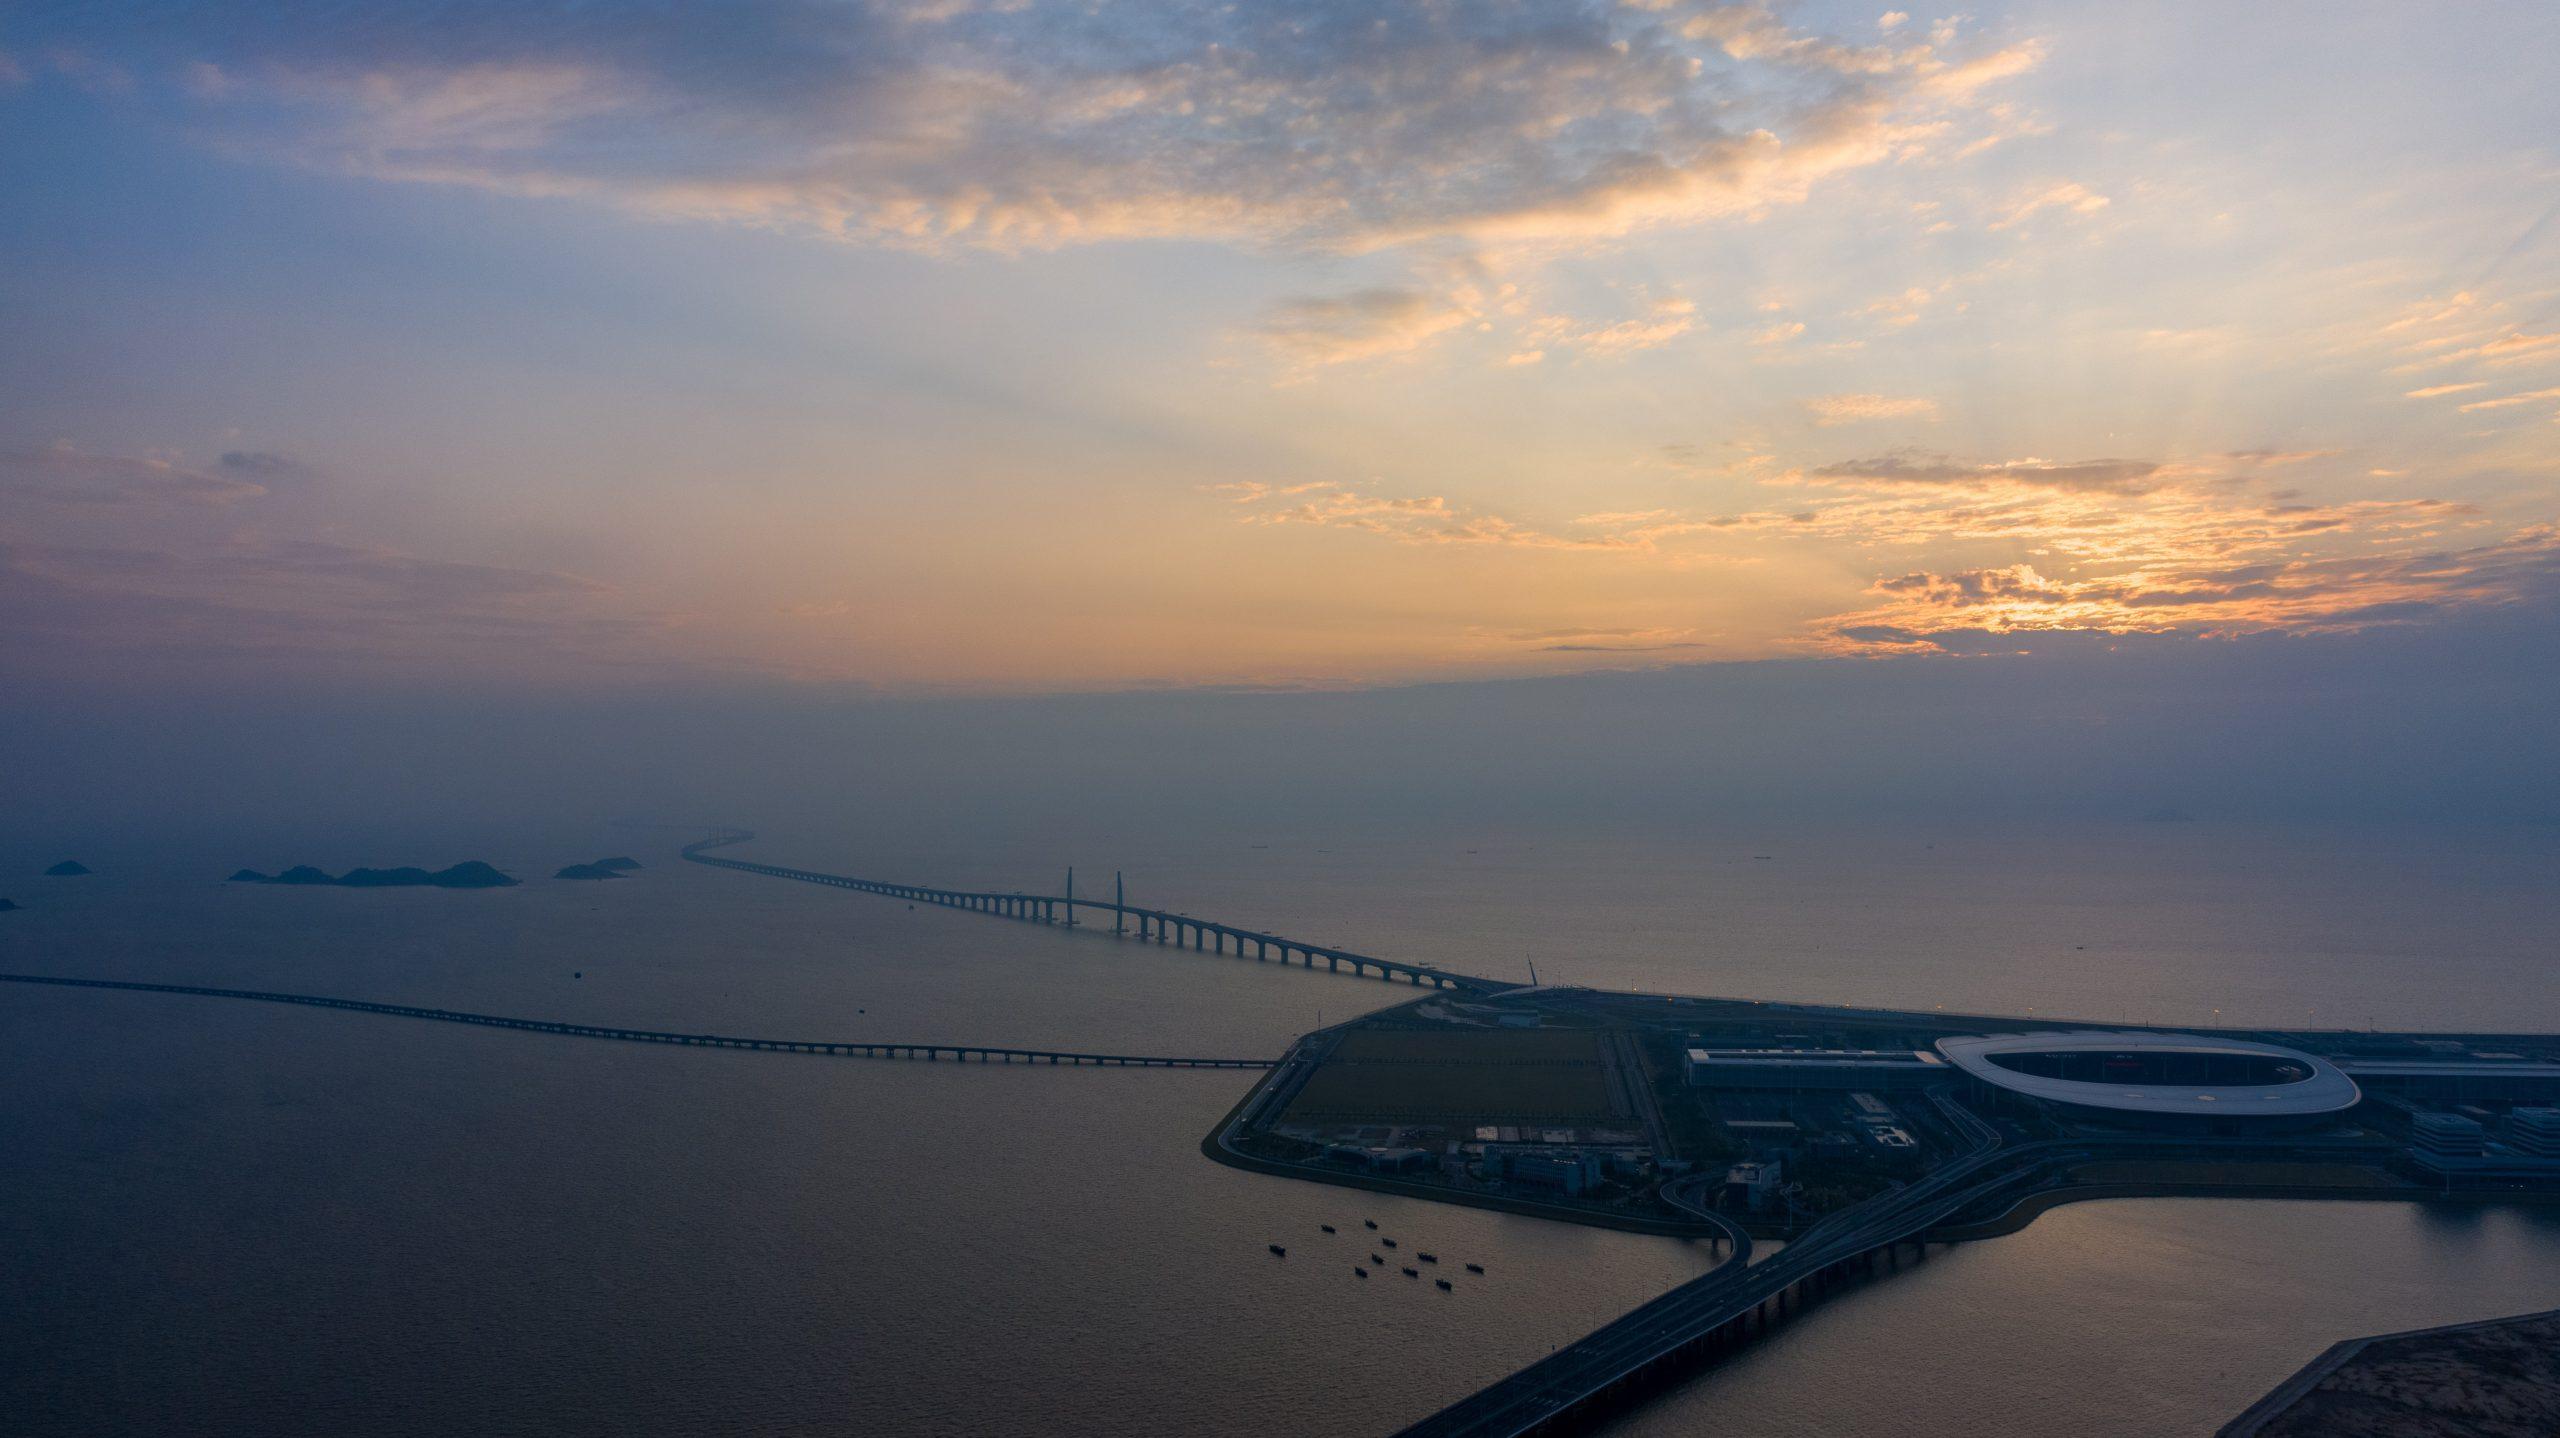 Gran Área de la Bahía de China liderará desarrollo de medicina tradicional